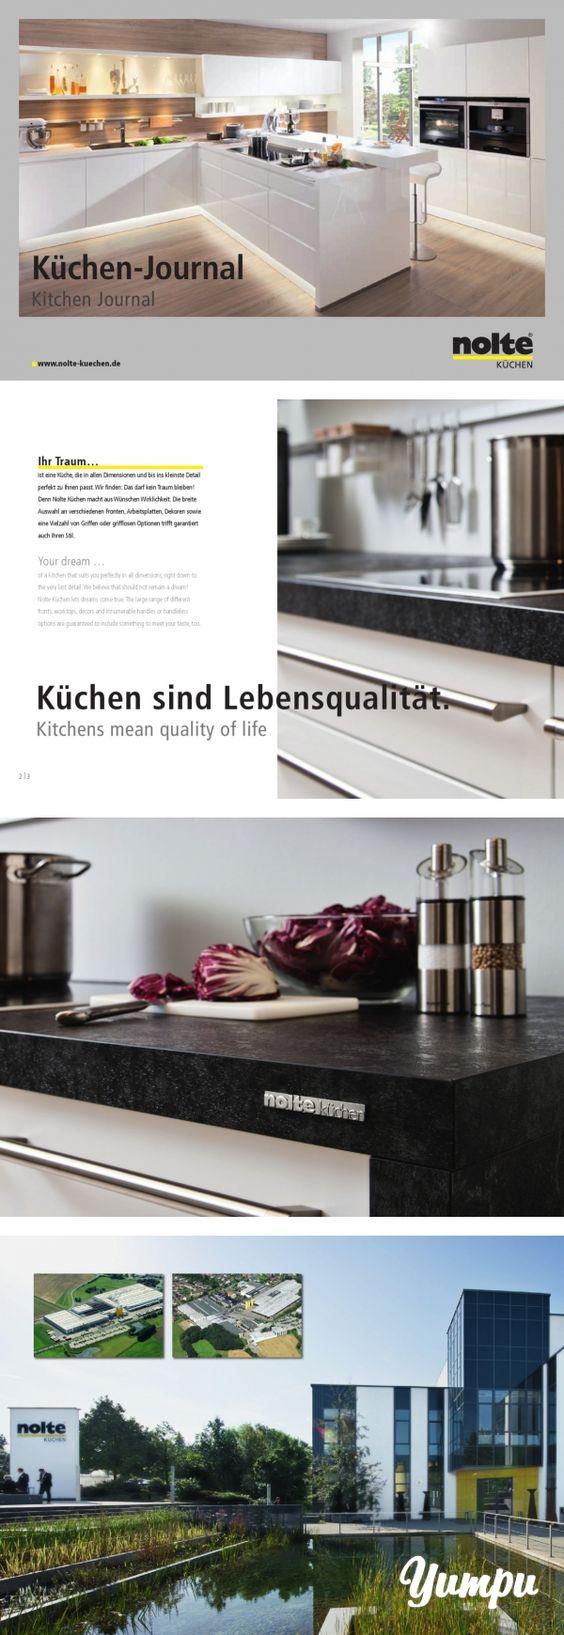 Fabulous NOLTE K chen Journal NOLTE K chen Journal For the Home Pinterest Journals and Kuchen